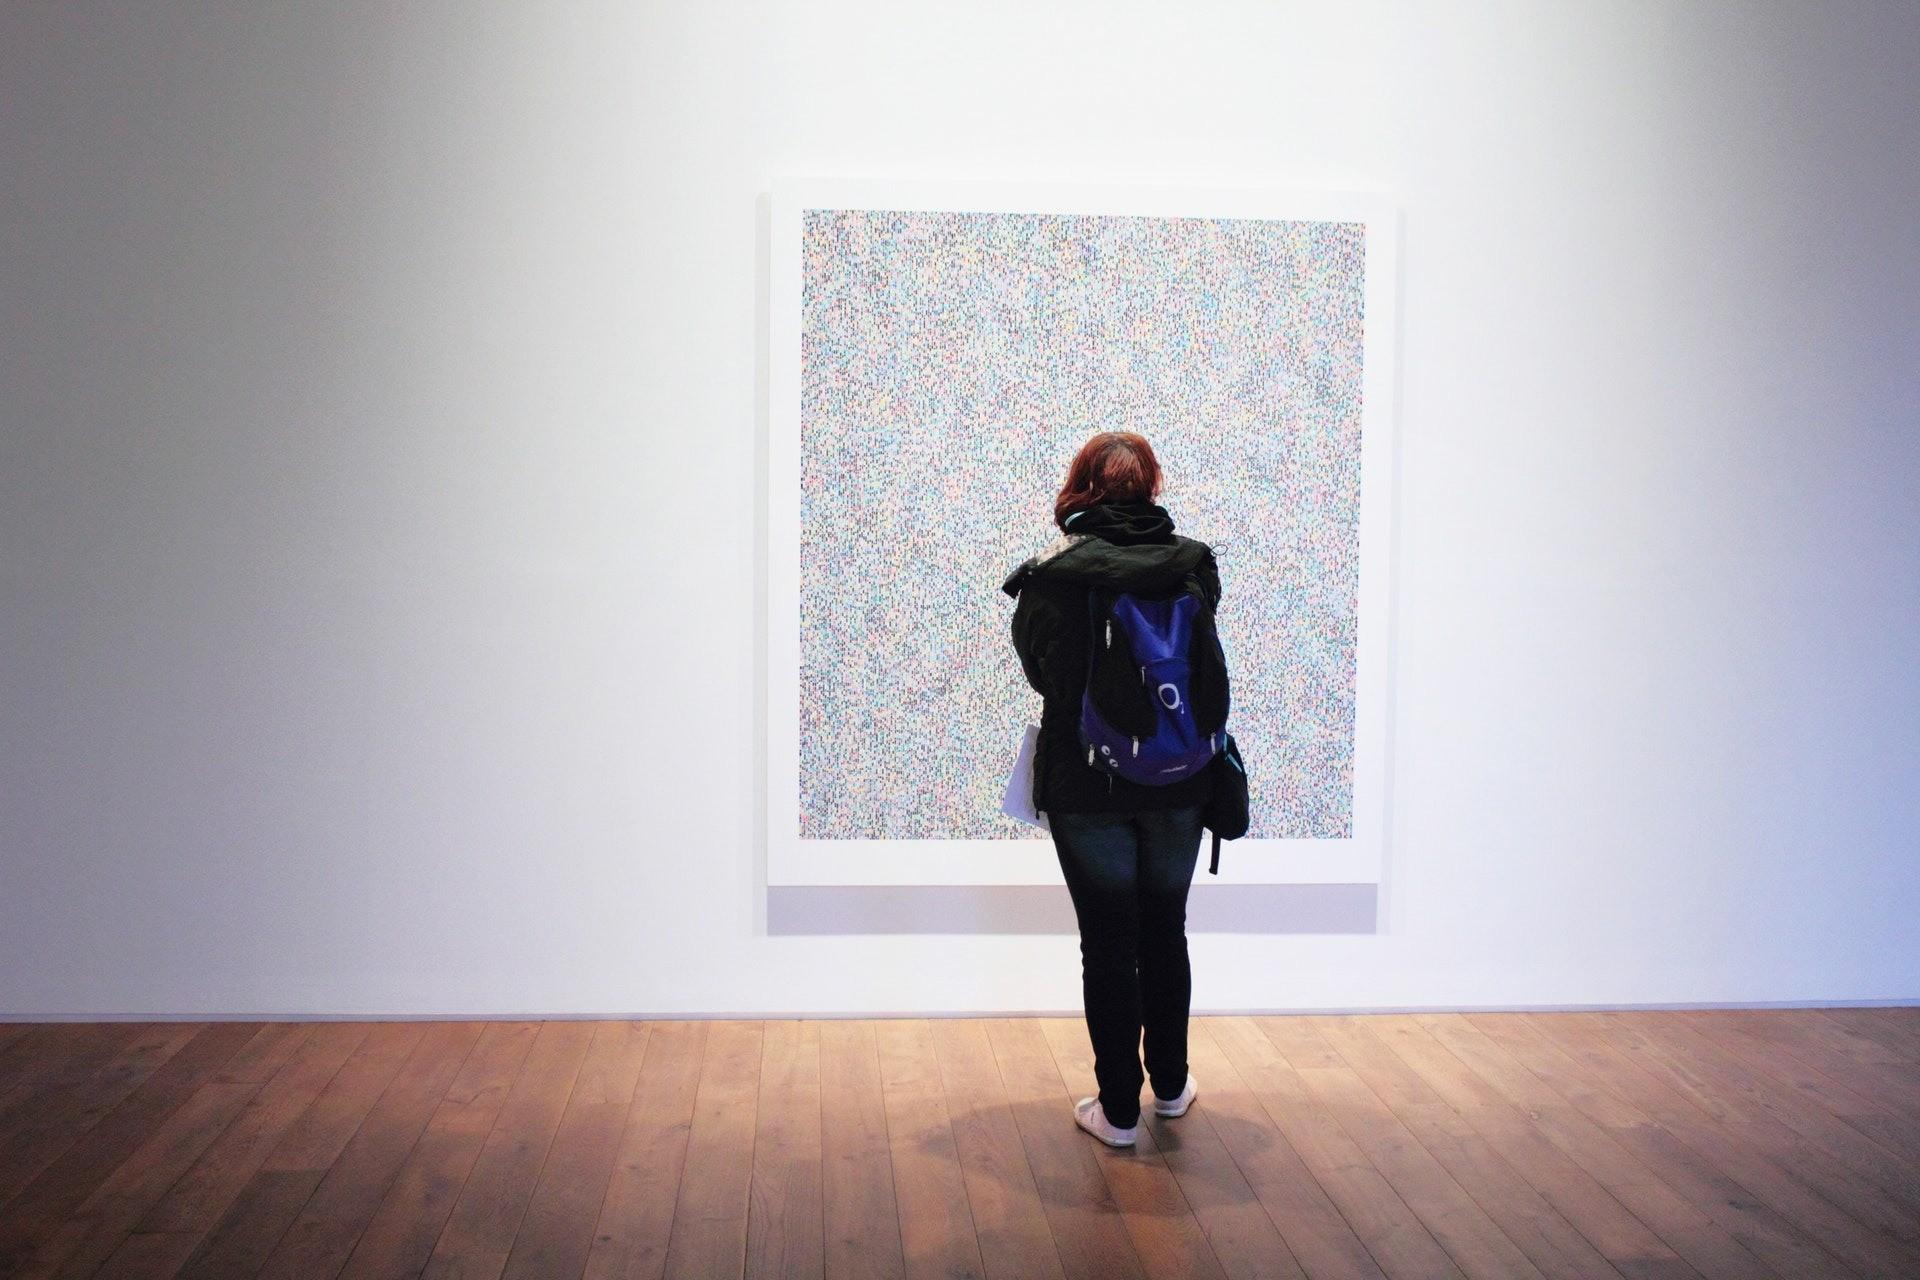 По следам Куинджи: топ-5 похищенных картин мира